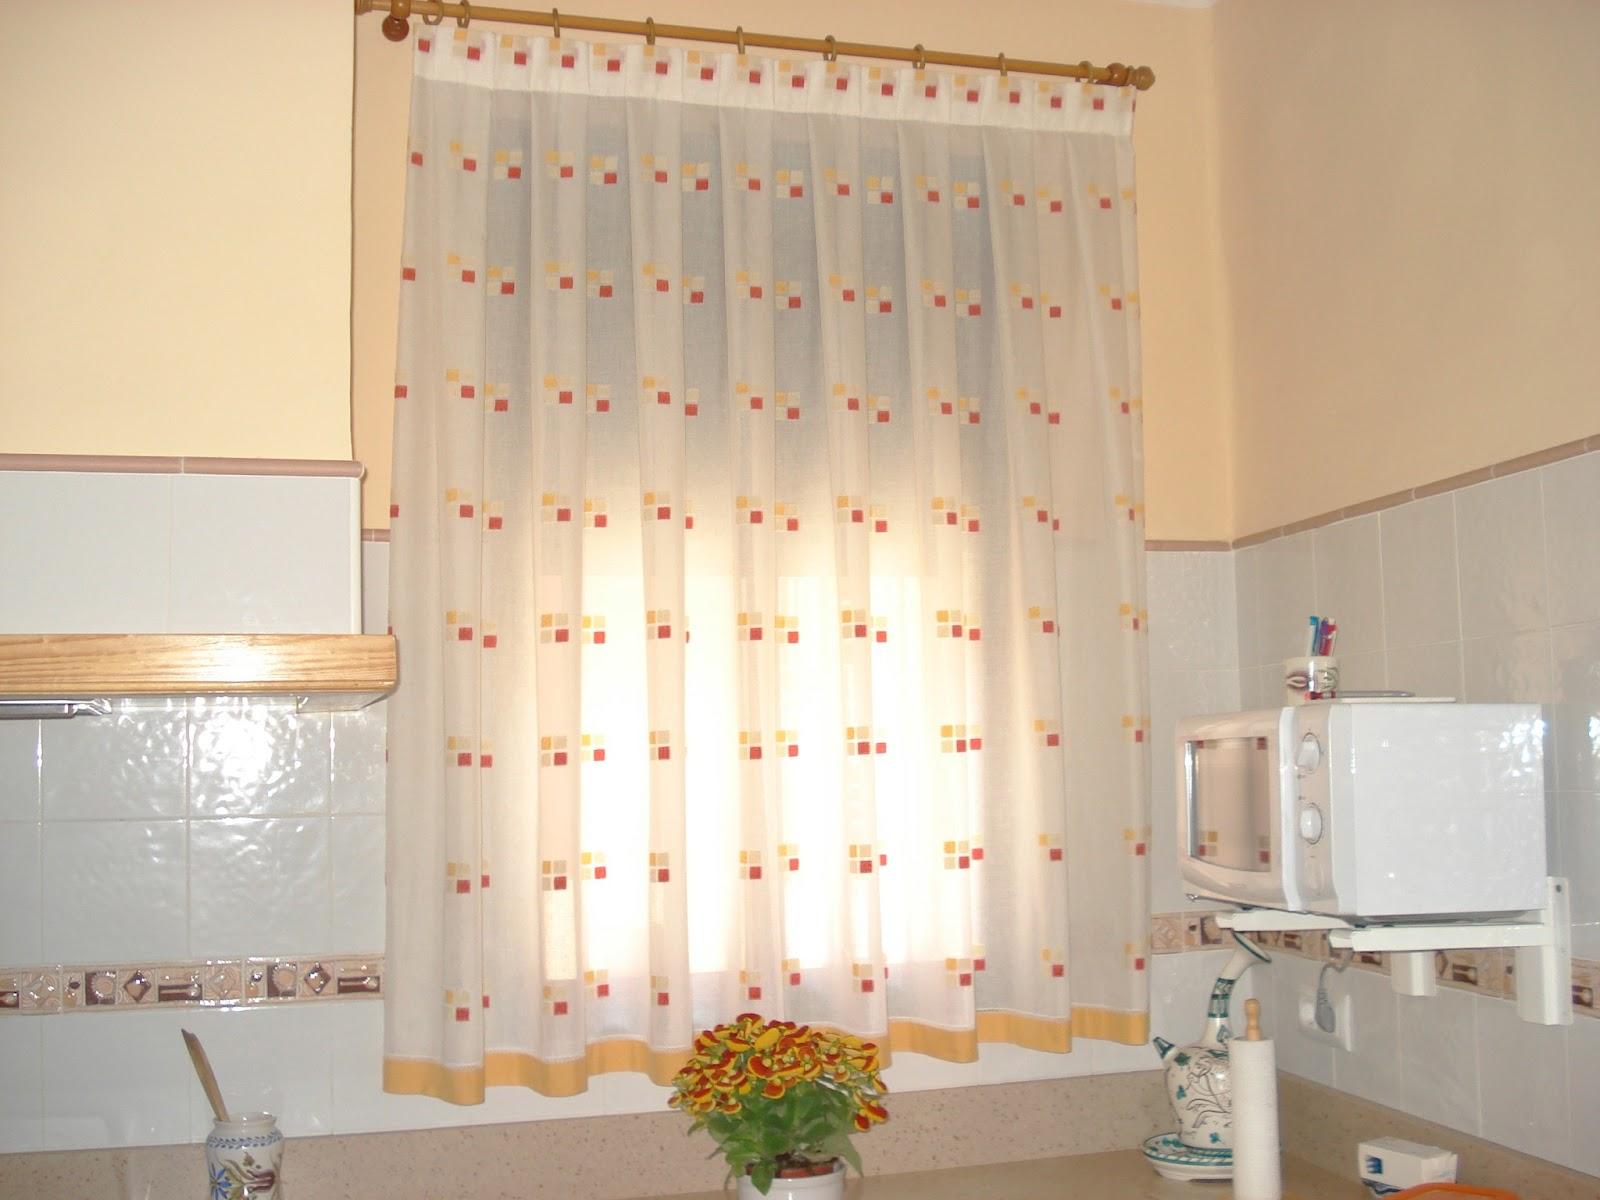 Entre el dedal y el pedal cortina para cocina - Cortinas decorativas para cocina ...